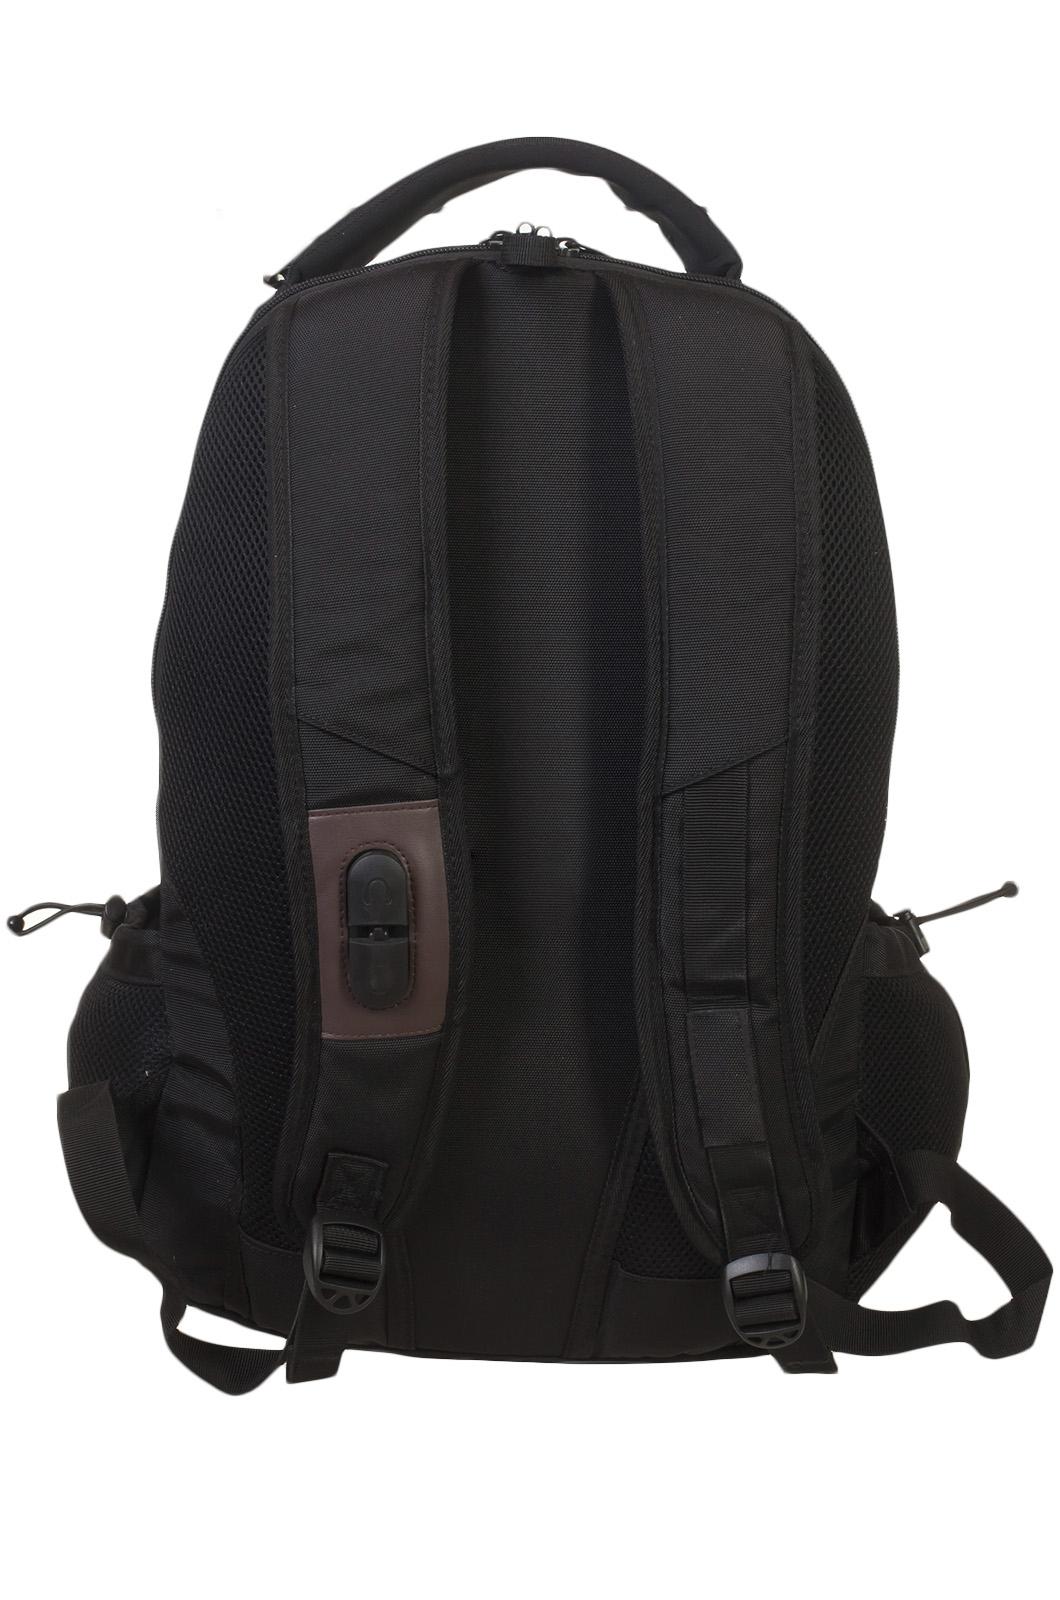 Эргономичный вместительный рюкзак с нашивкой Пиратский флаг - купить в подарок